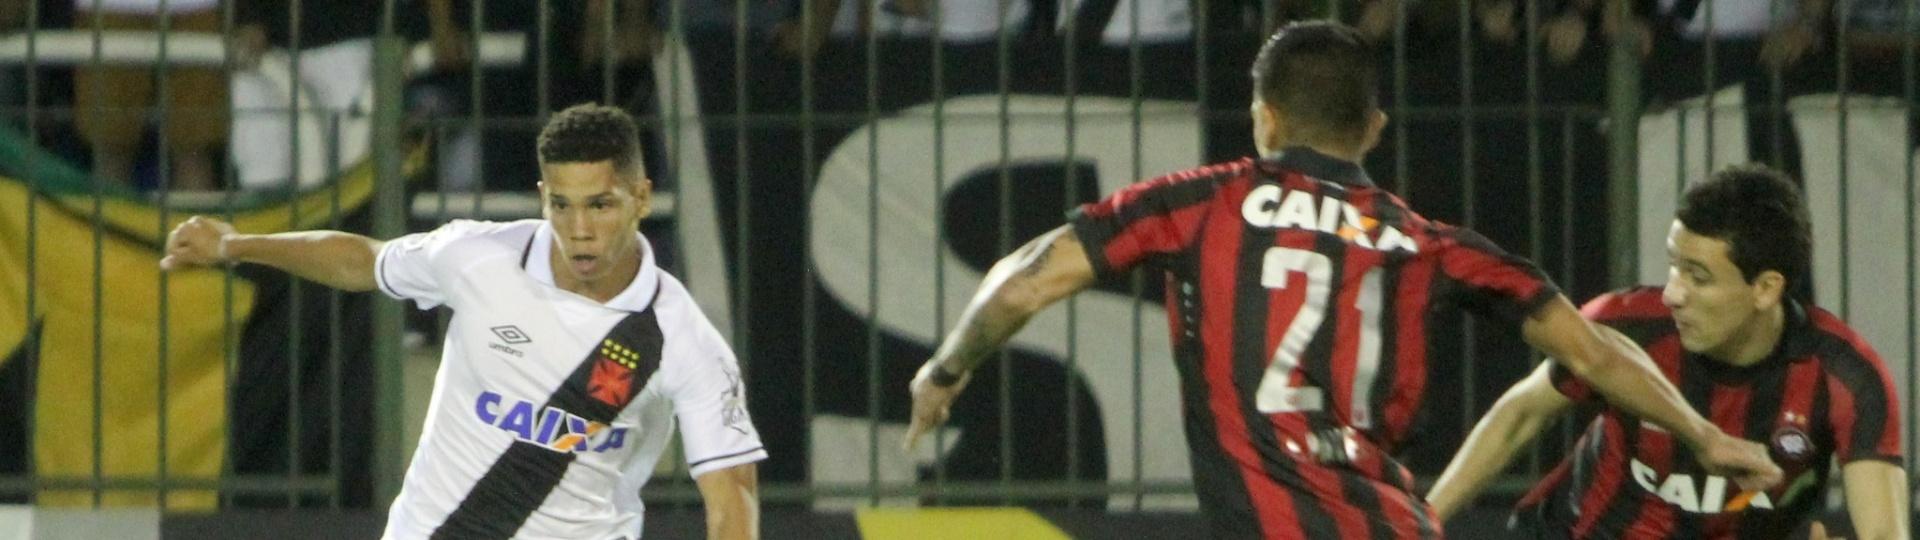 Paulinho disputa bola em Vasco x Atlético-PR pelo Campeonato Brasileiro